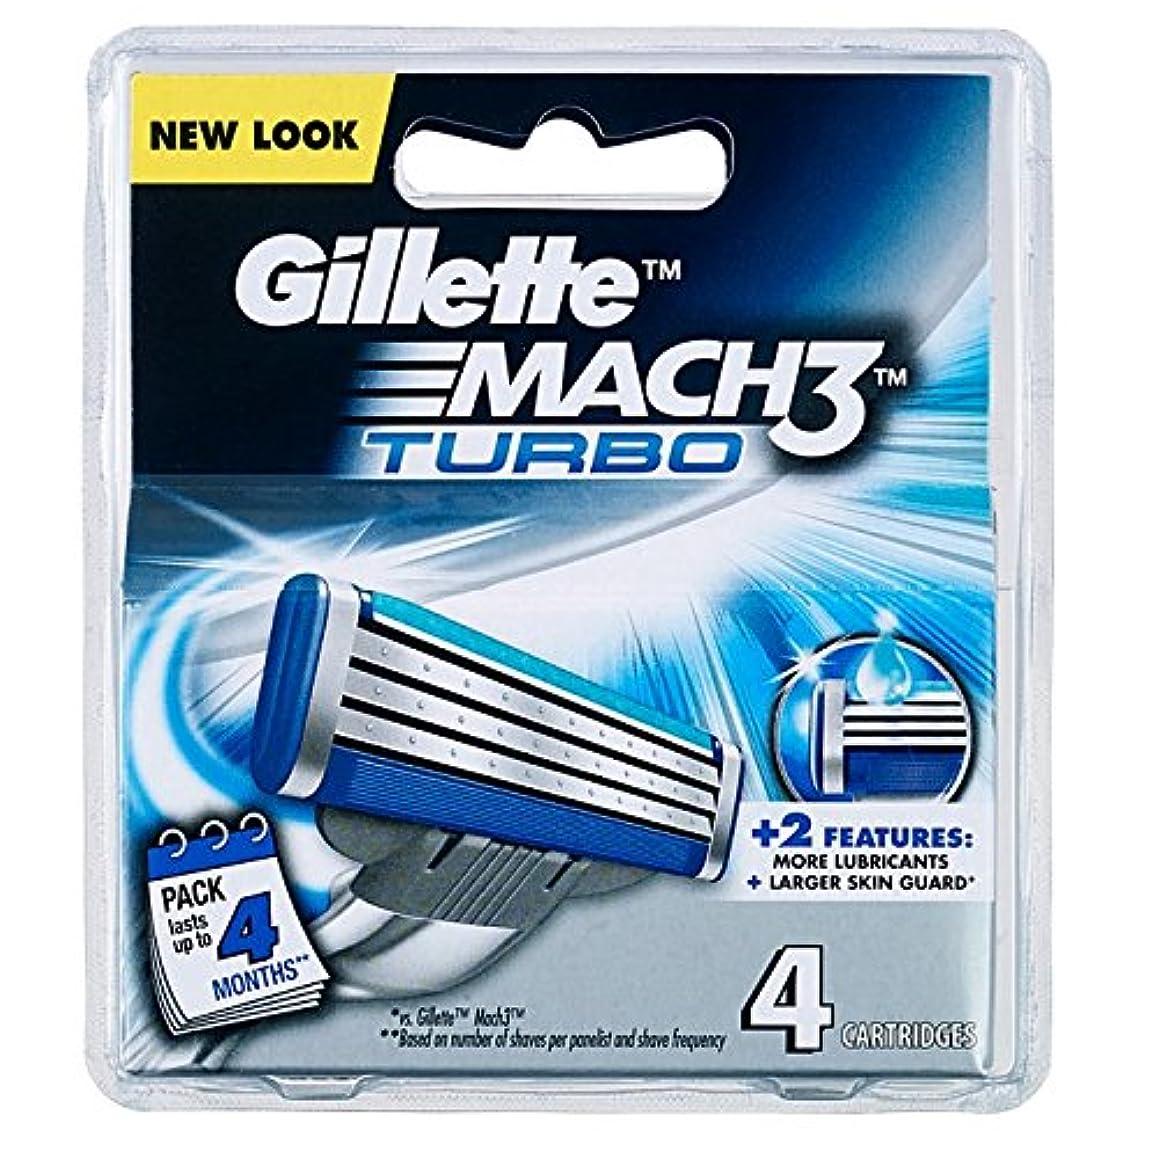 うがい薬周囲サイトGillette MACH3 Turbo SHAVING RAZOR CARTRIDGES BLADES 4 Pack [並行輸入品]